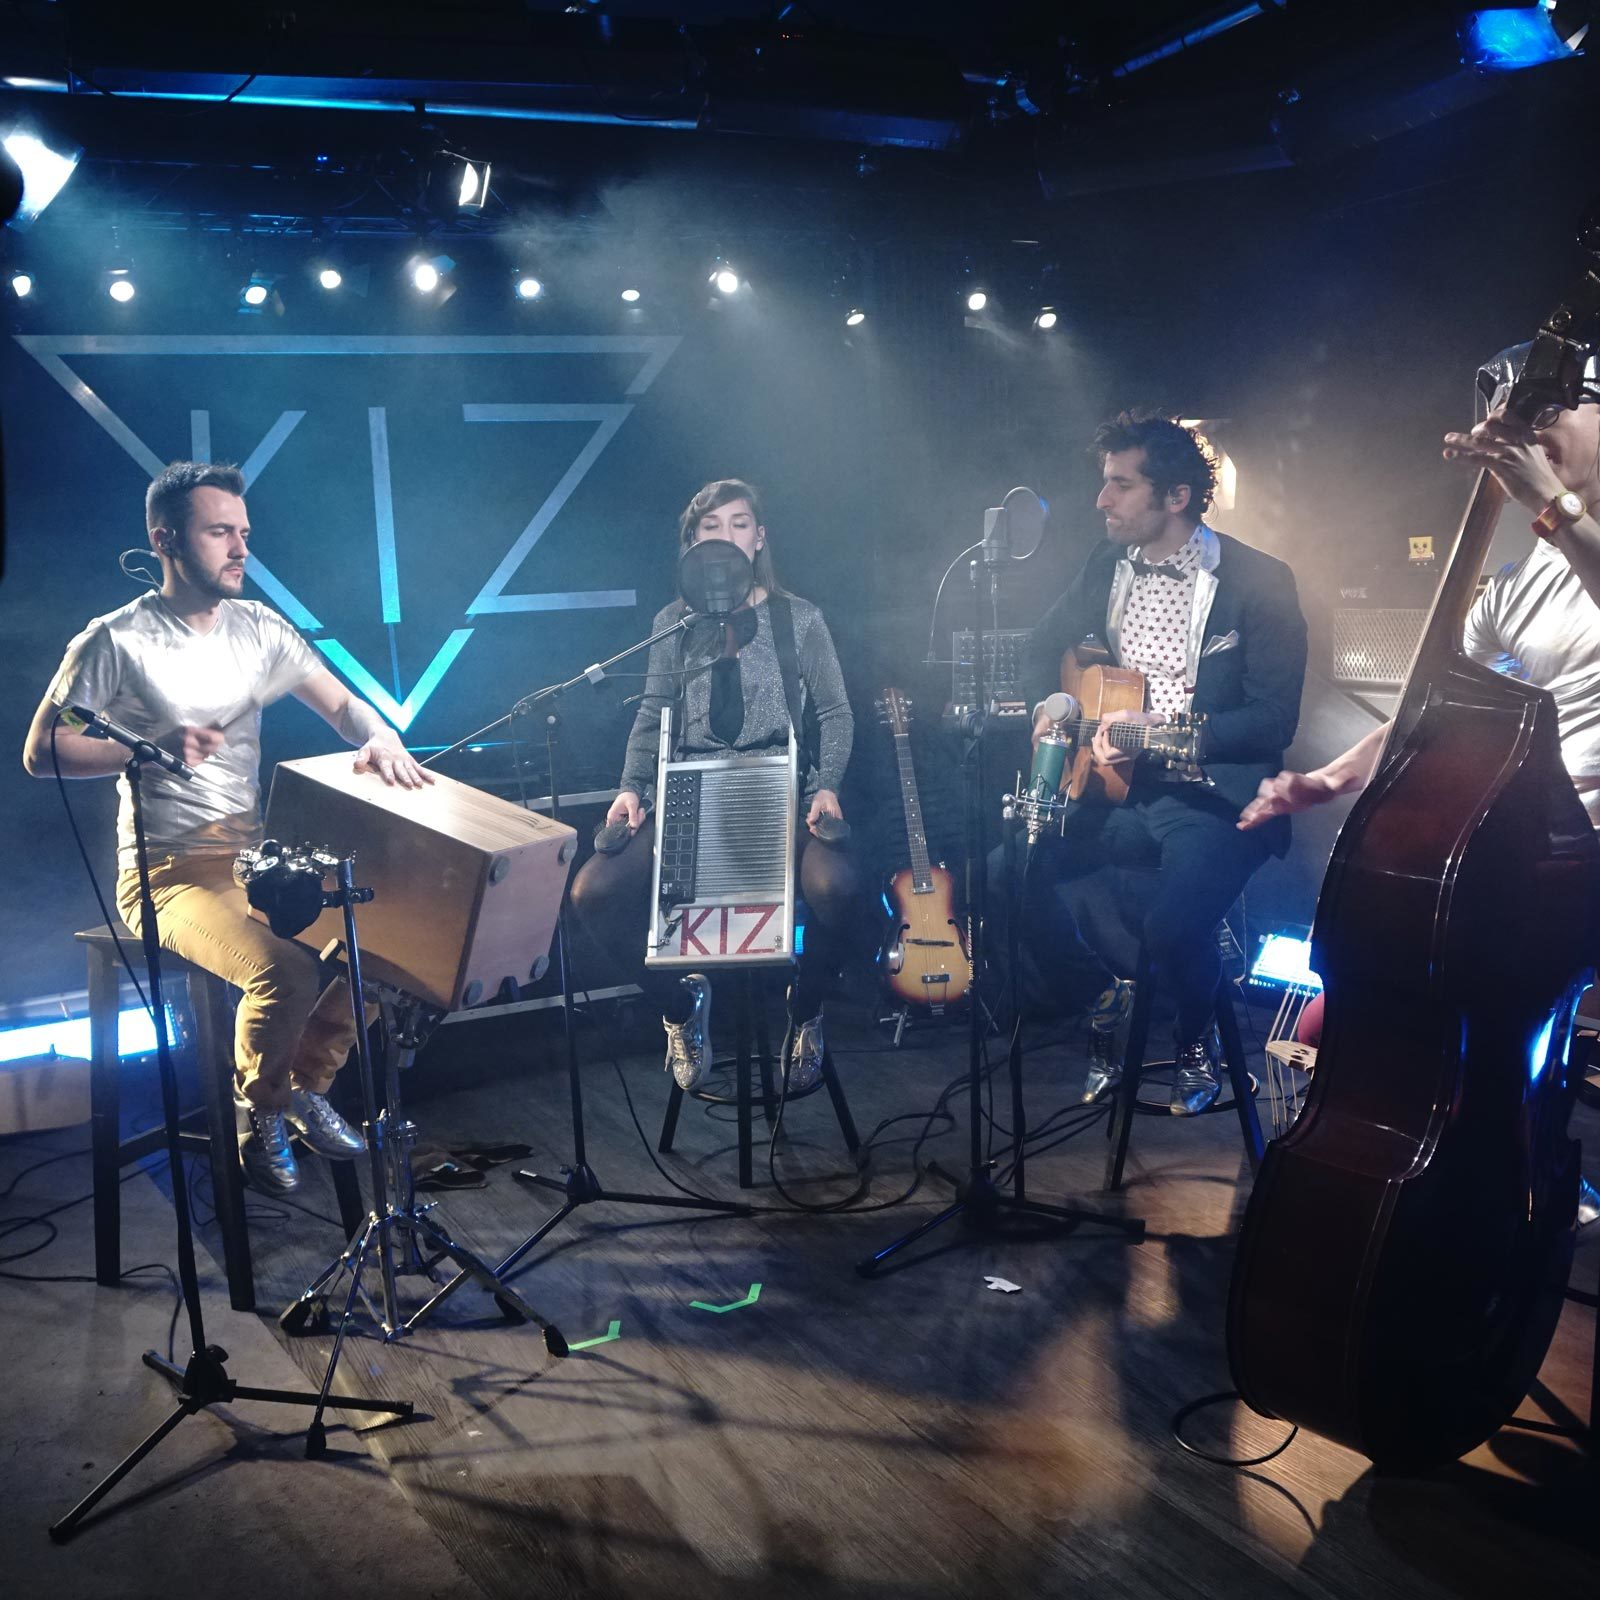 Concert live streaming - live production studio - Paris